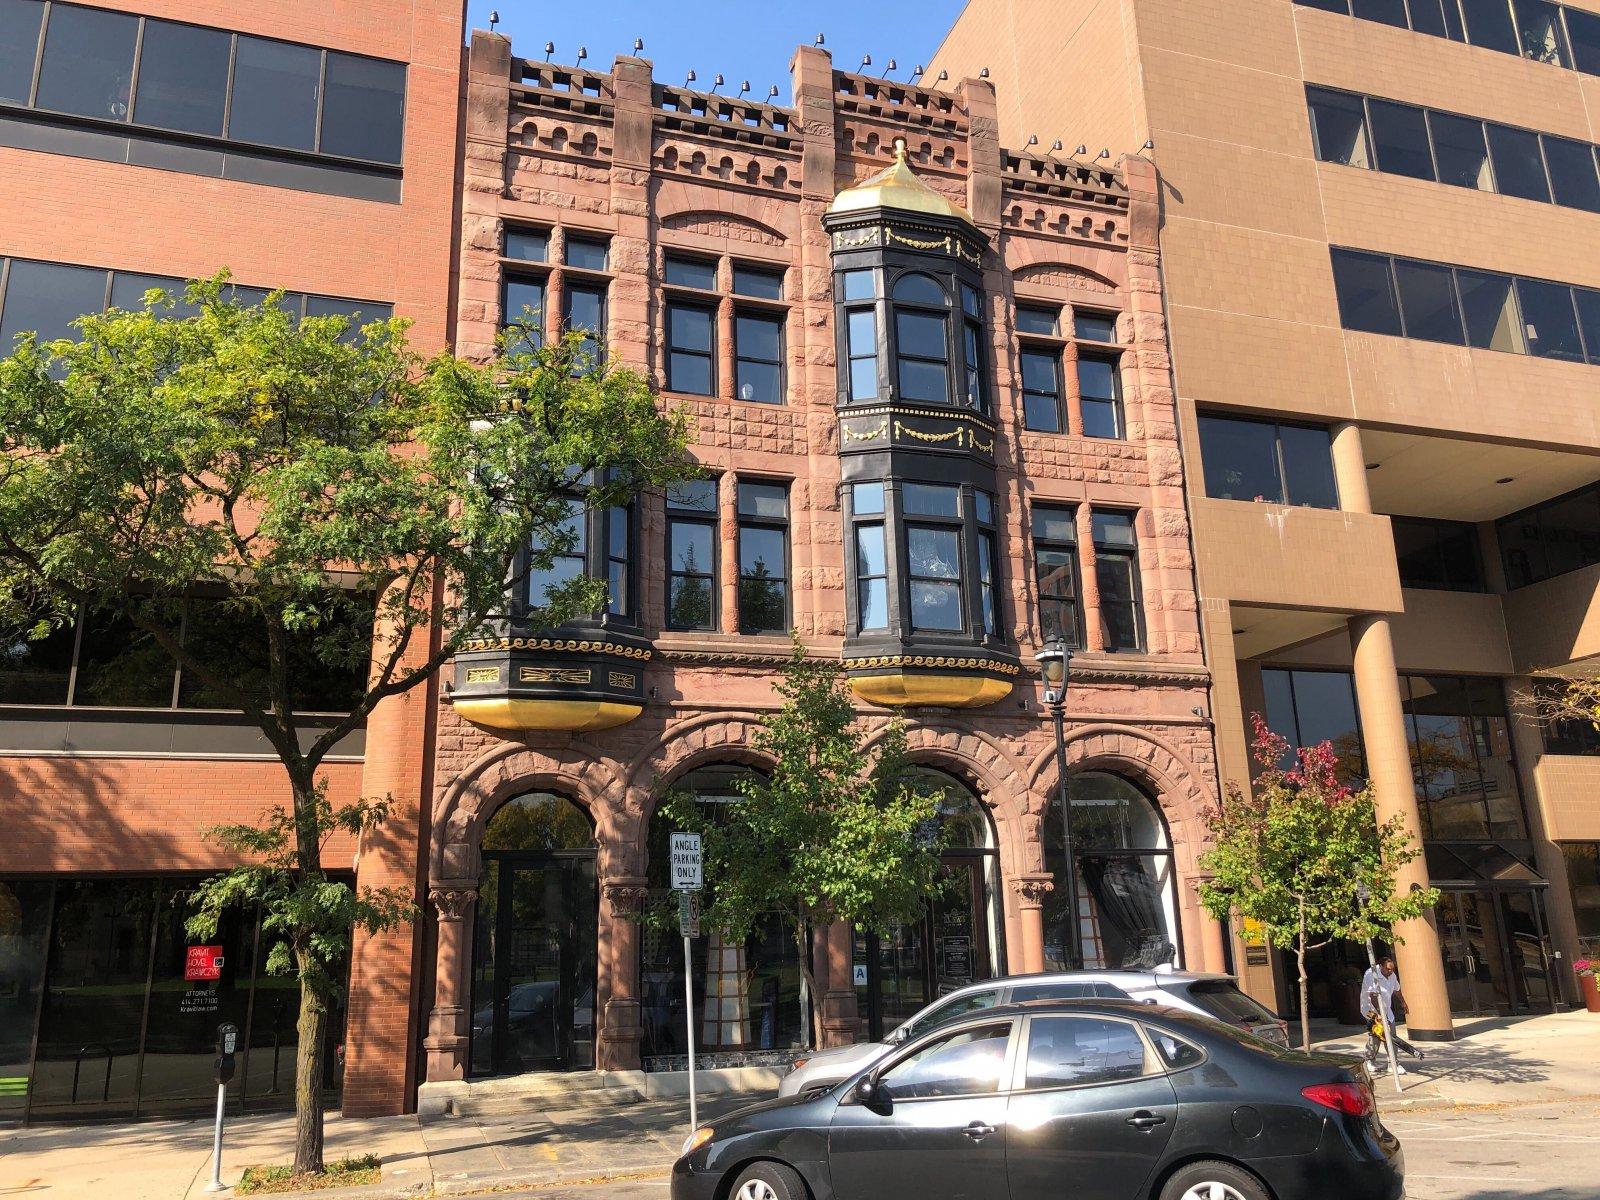 831-833 N. Jefferson St.